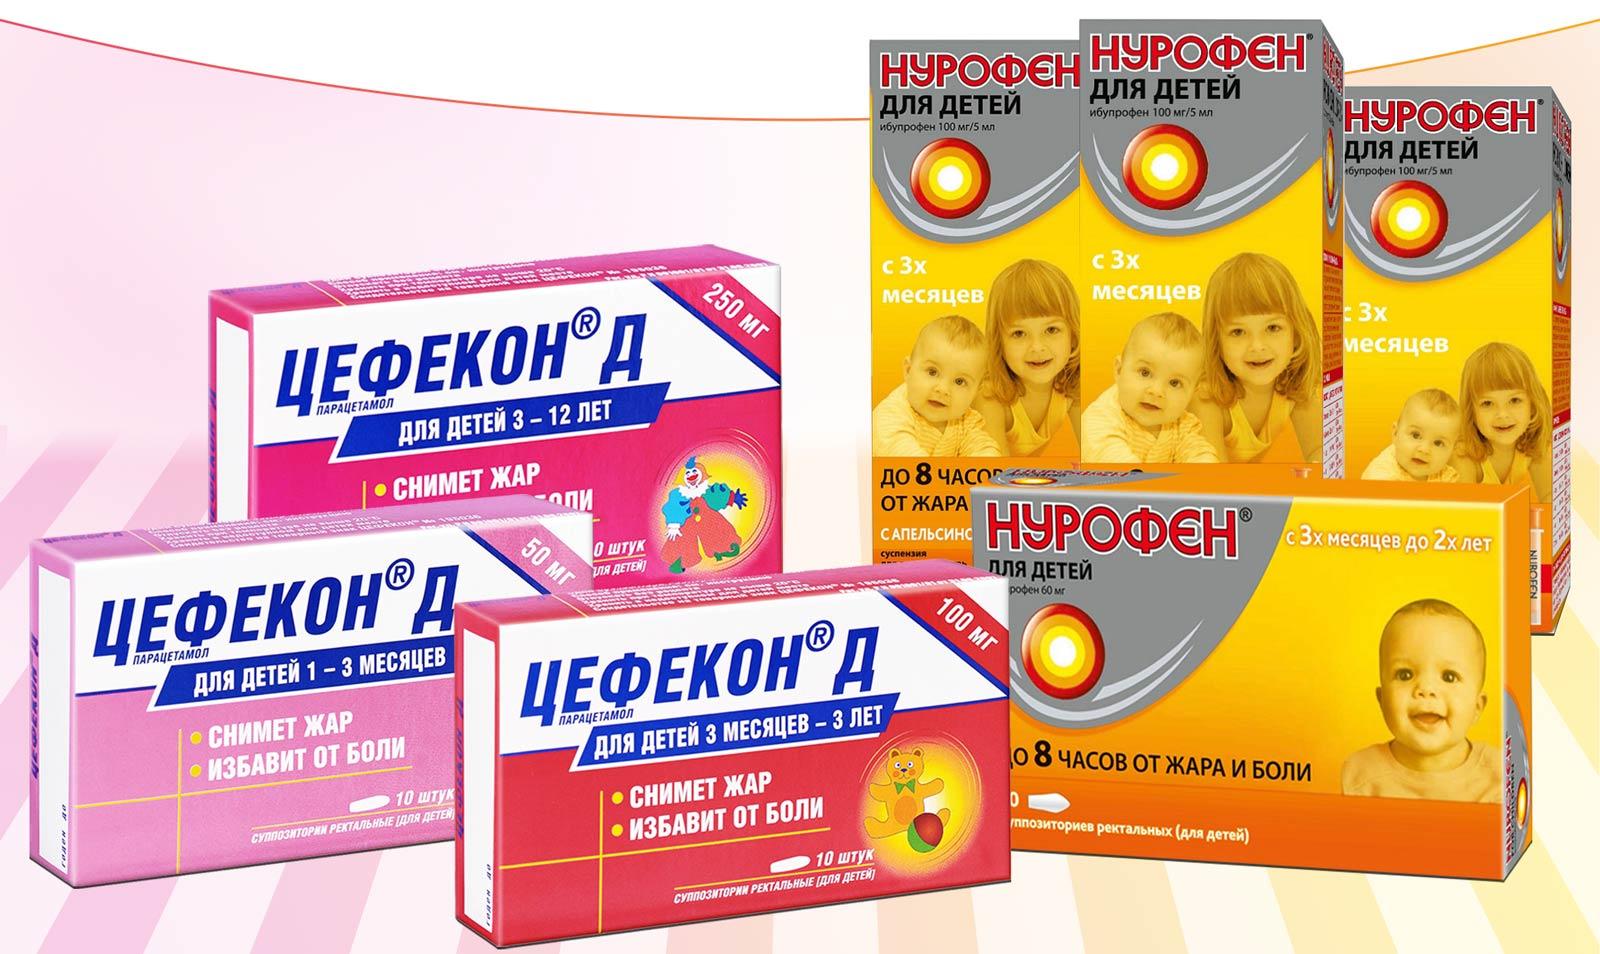 Нурофен свечи для детей с 3 лет фото